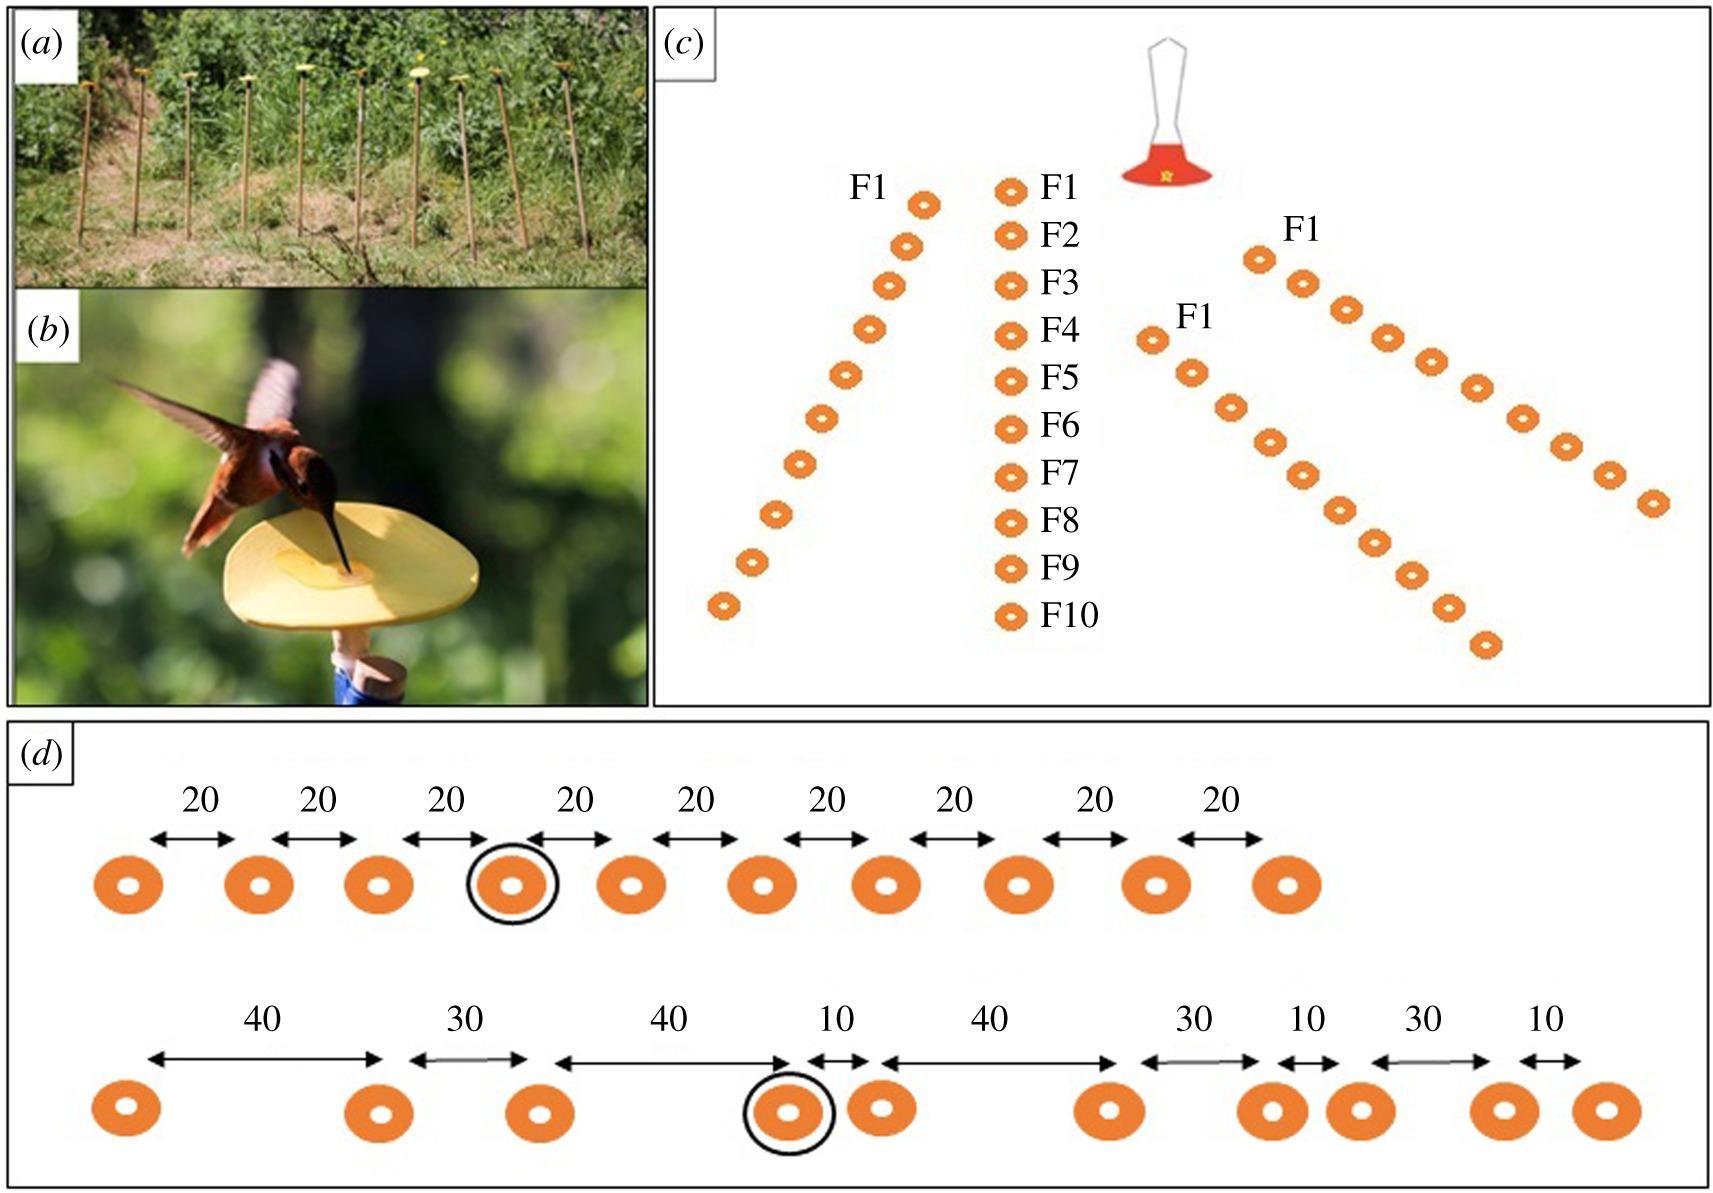 Колибри запомнили порядковый номер цветков